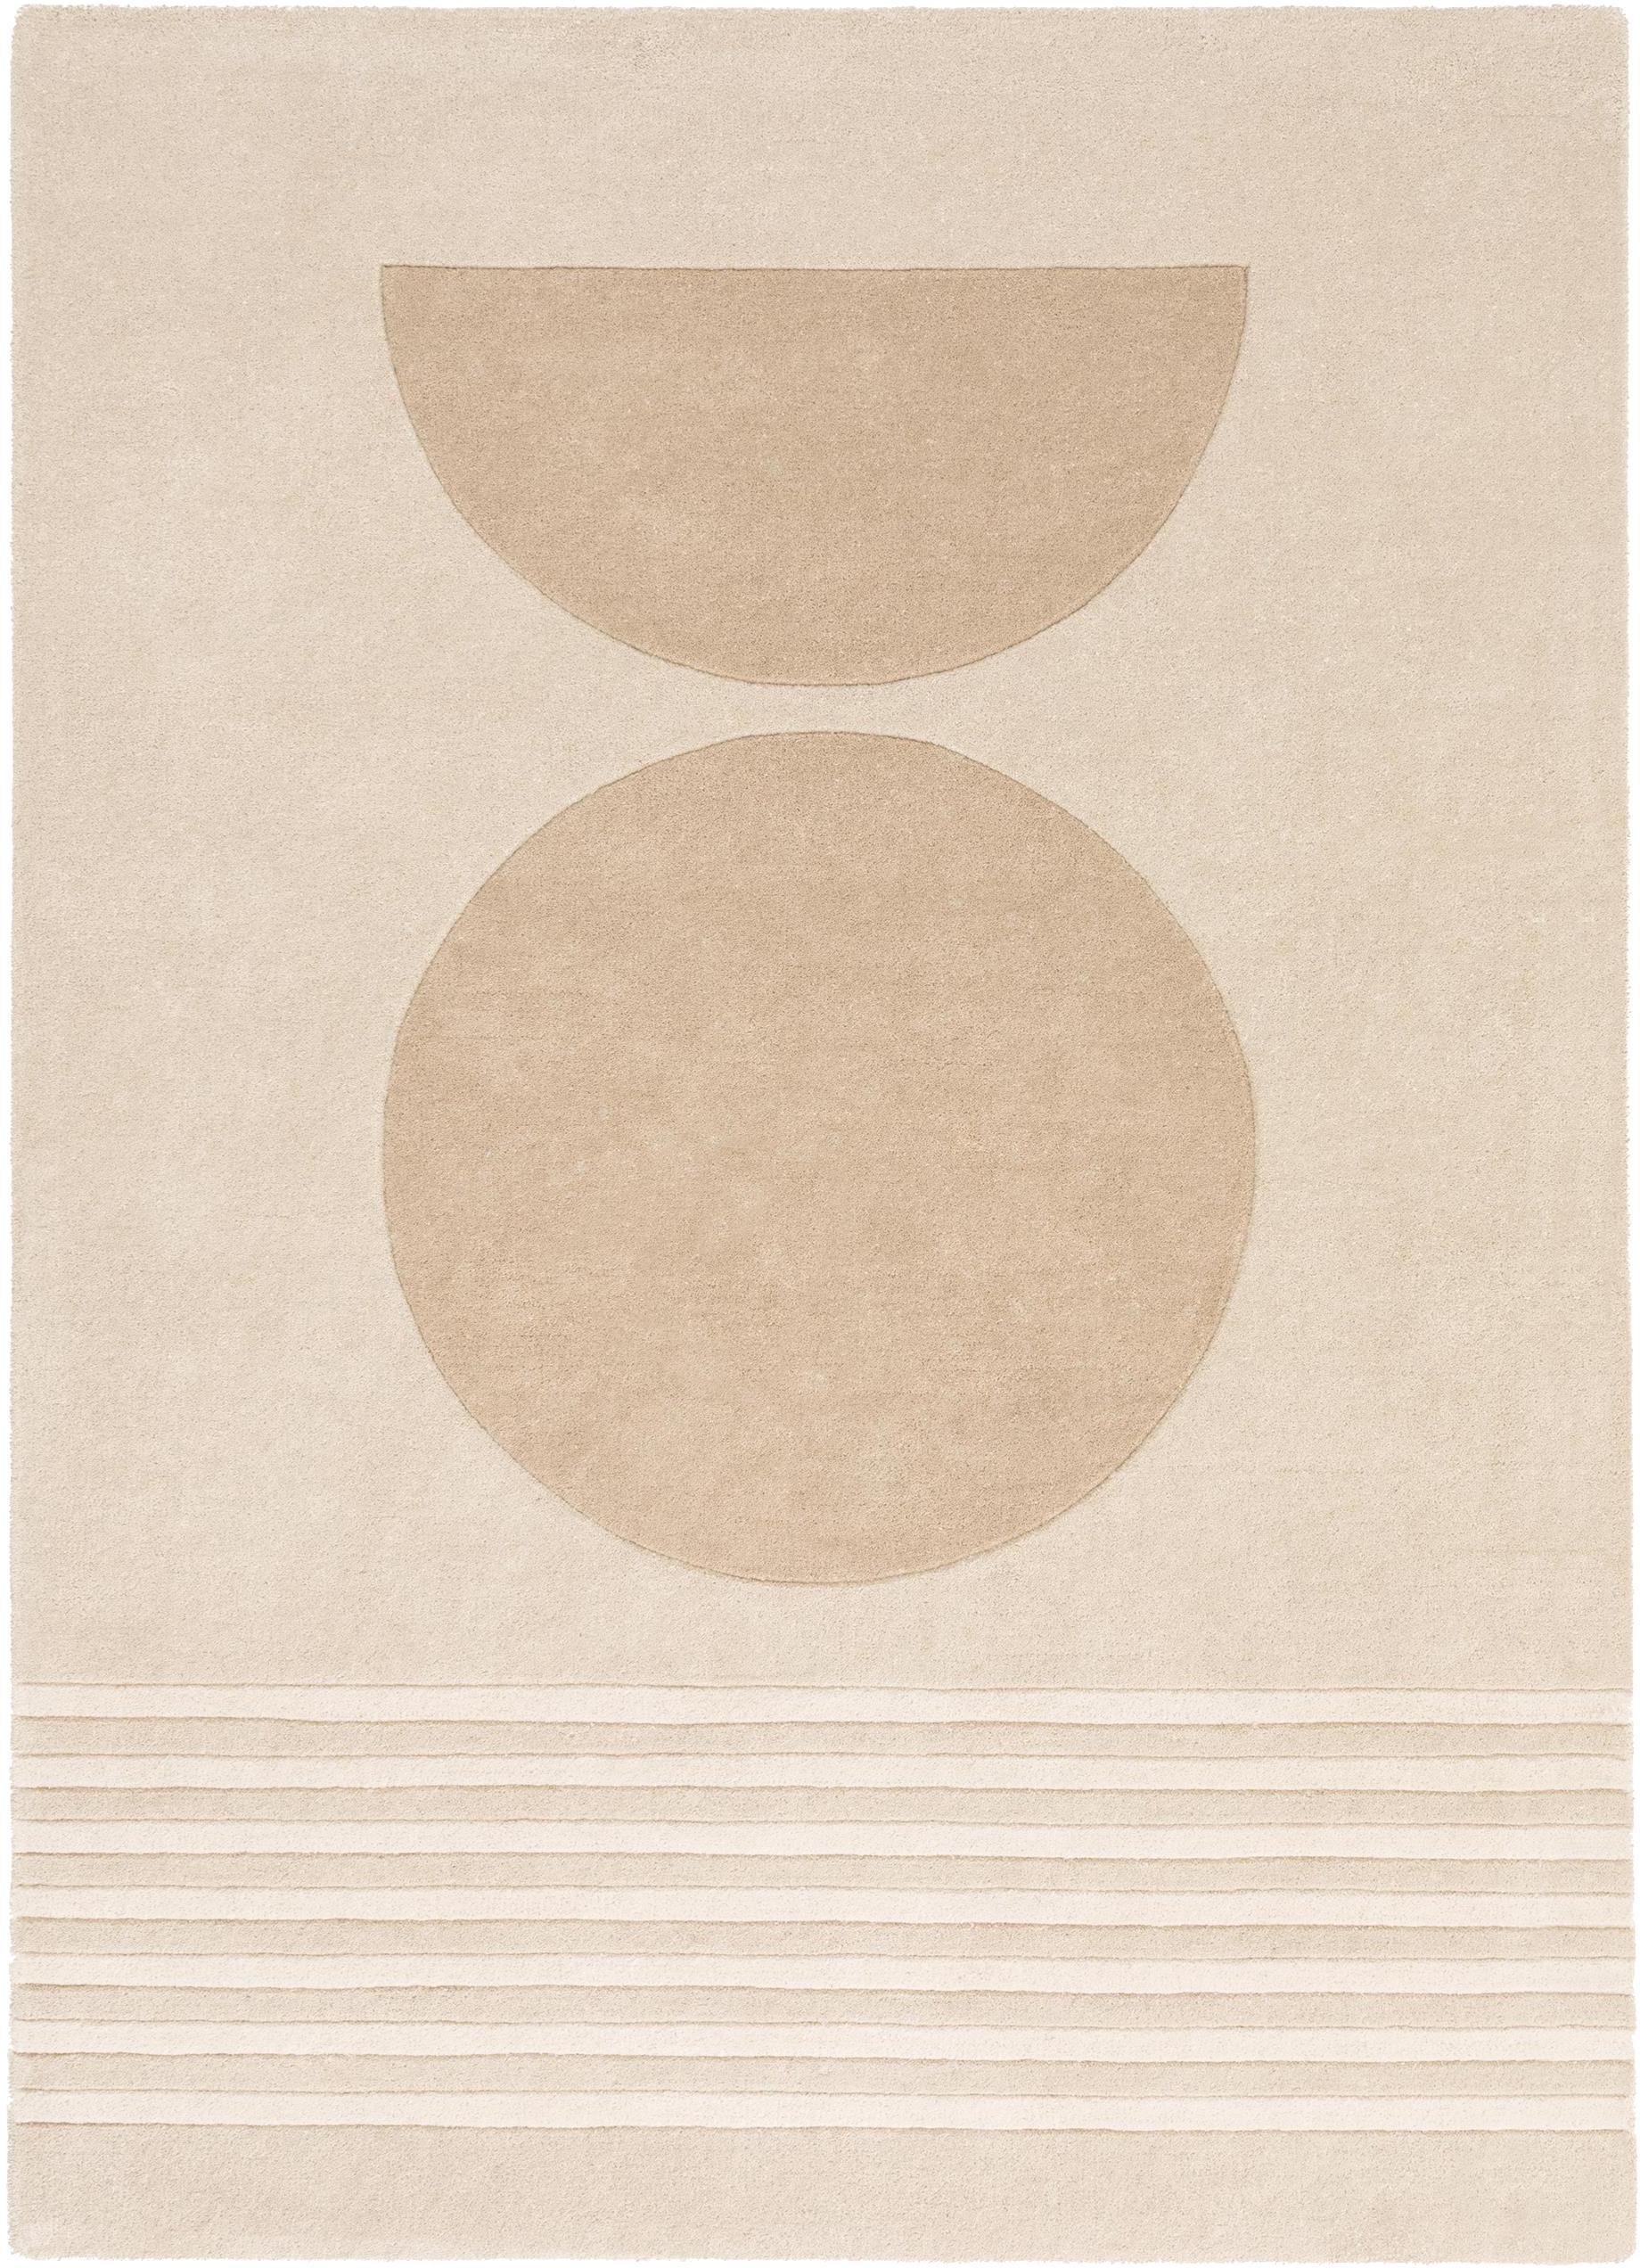 Handgetuft wollen vloerkleed Bent, Bovenzijde: wol, Onderzijde: katoen, Beige, crèmekleurig, B 140 x L 200 cm (maat S)